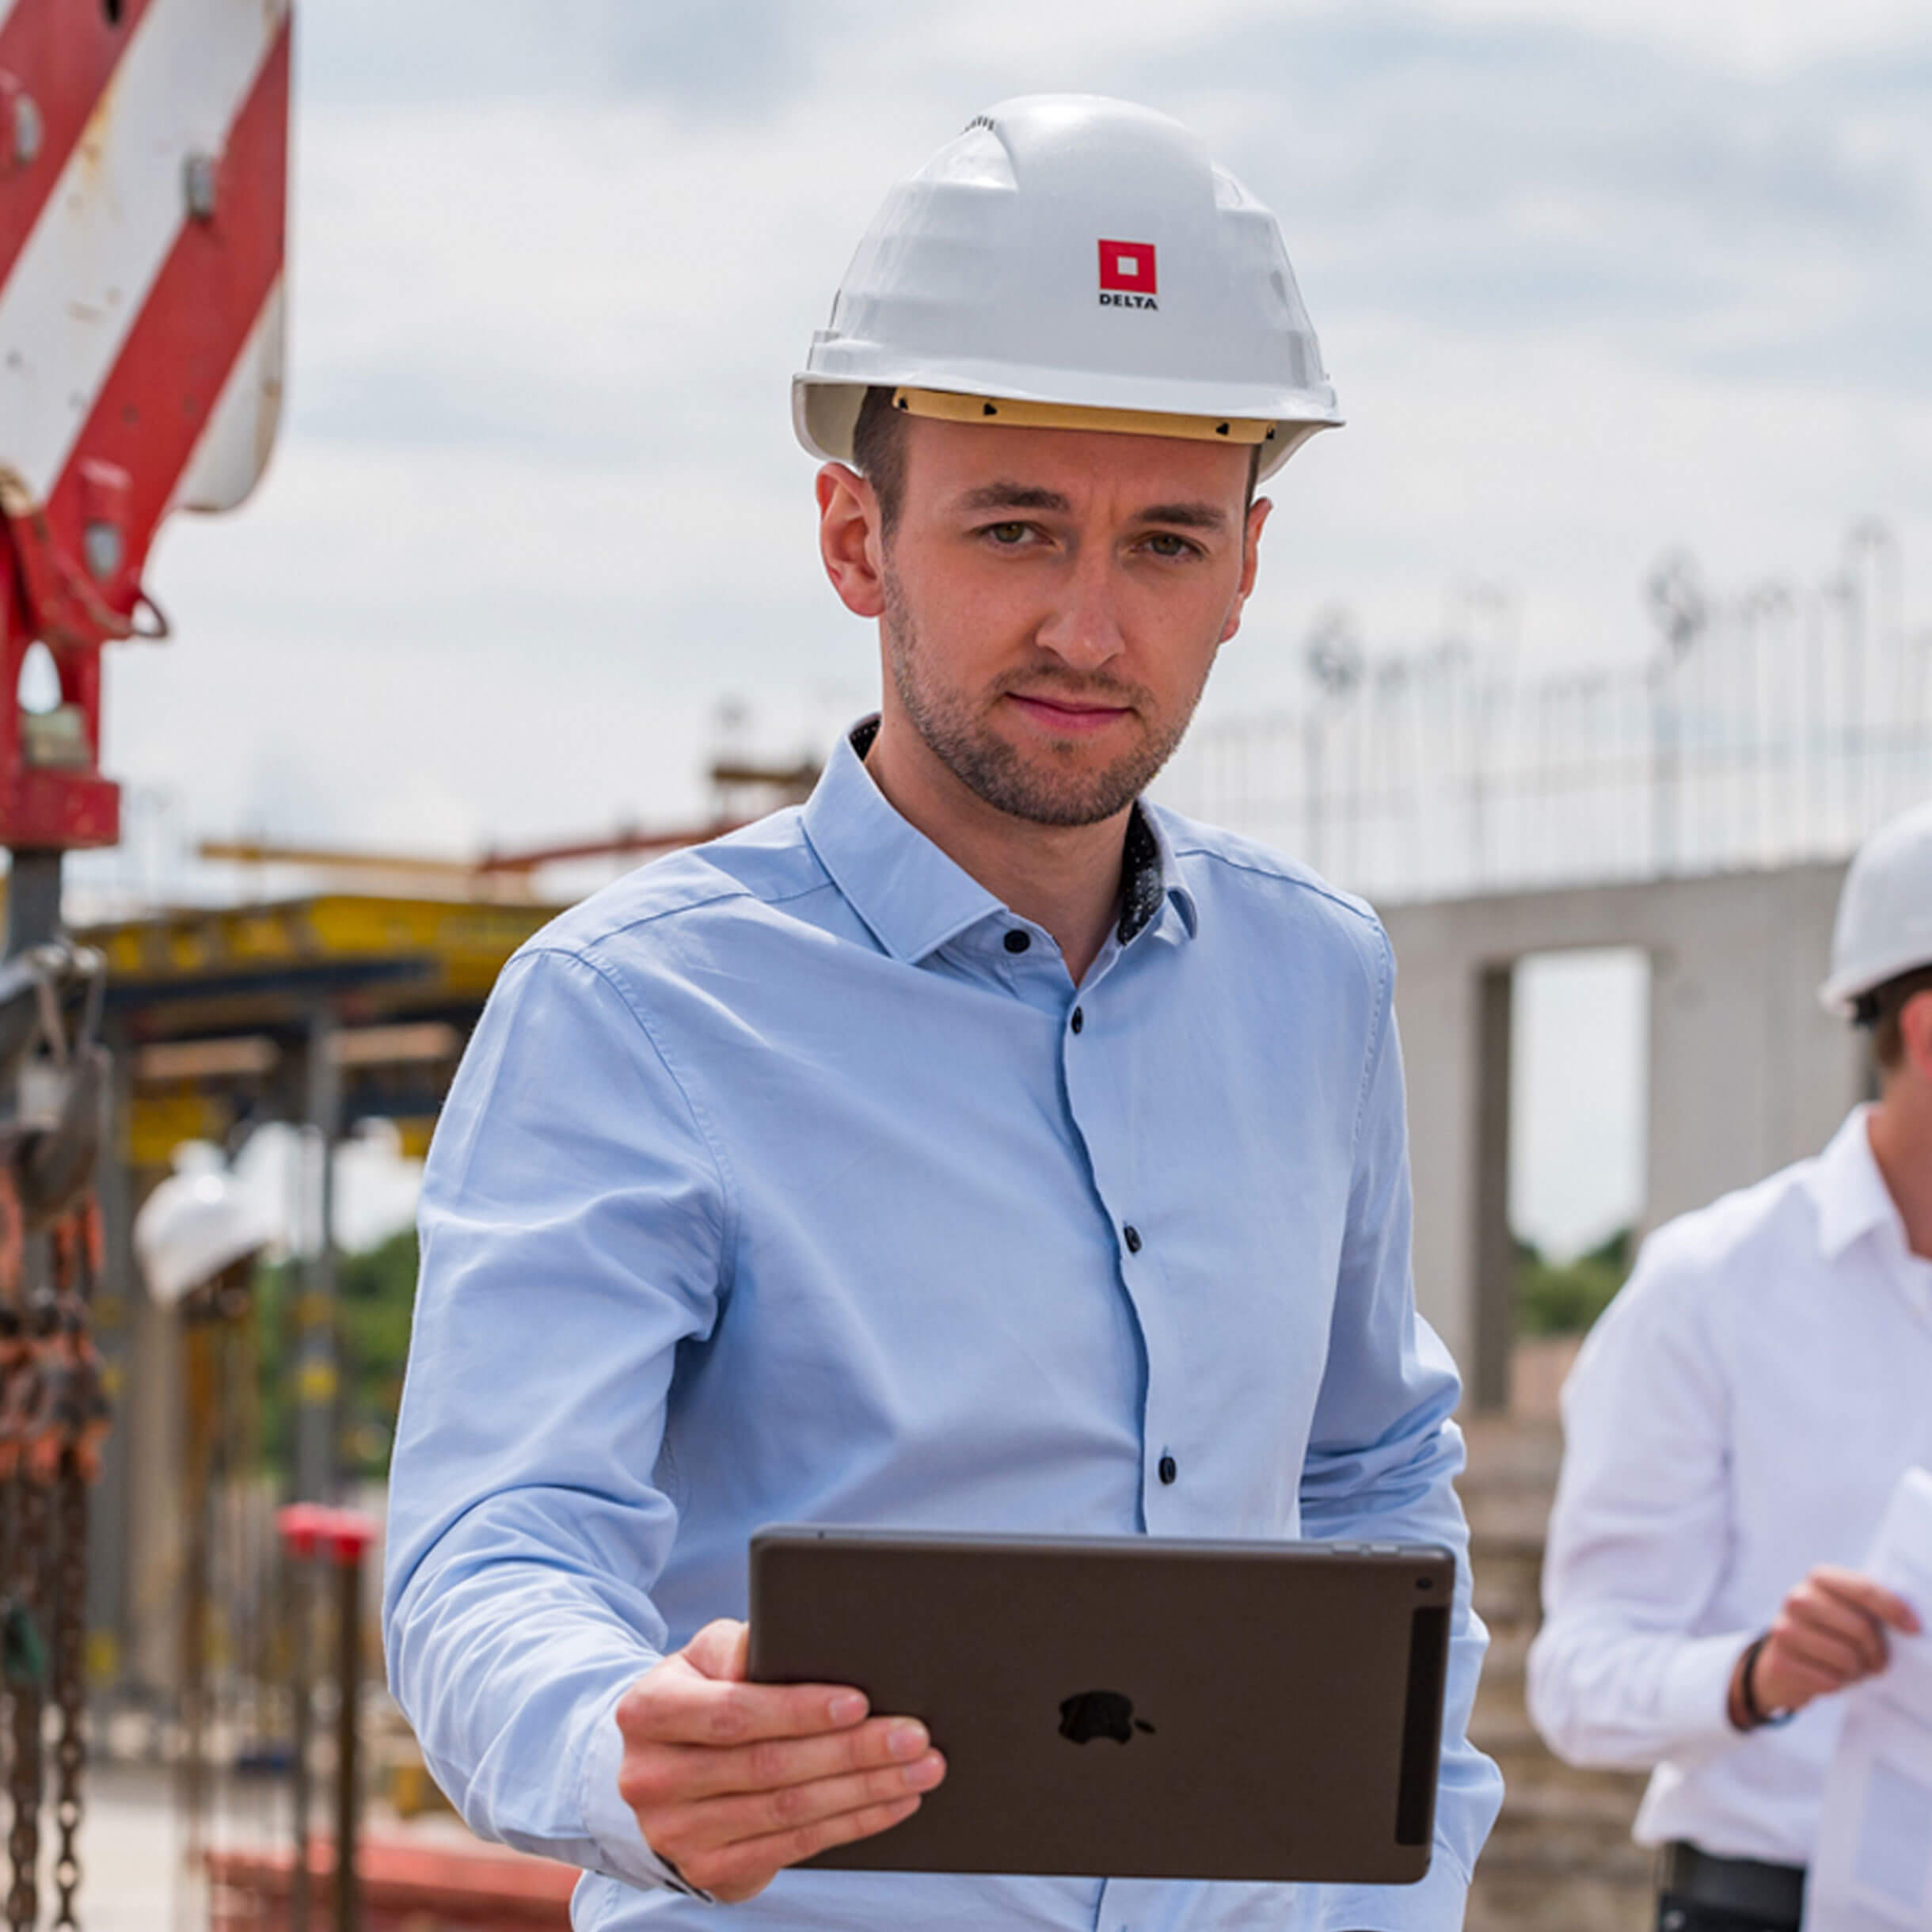 Mitarbeiter auf Baustelle